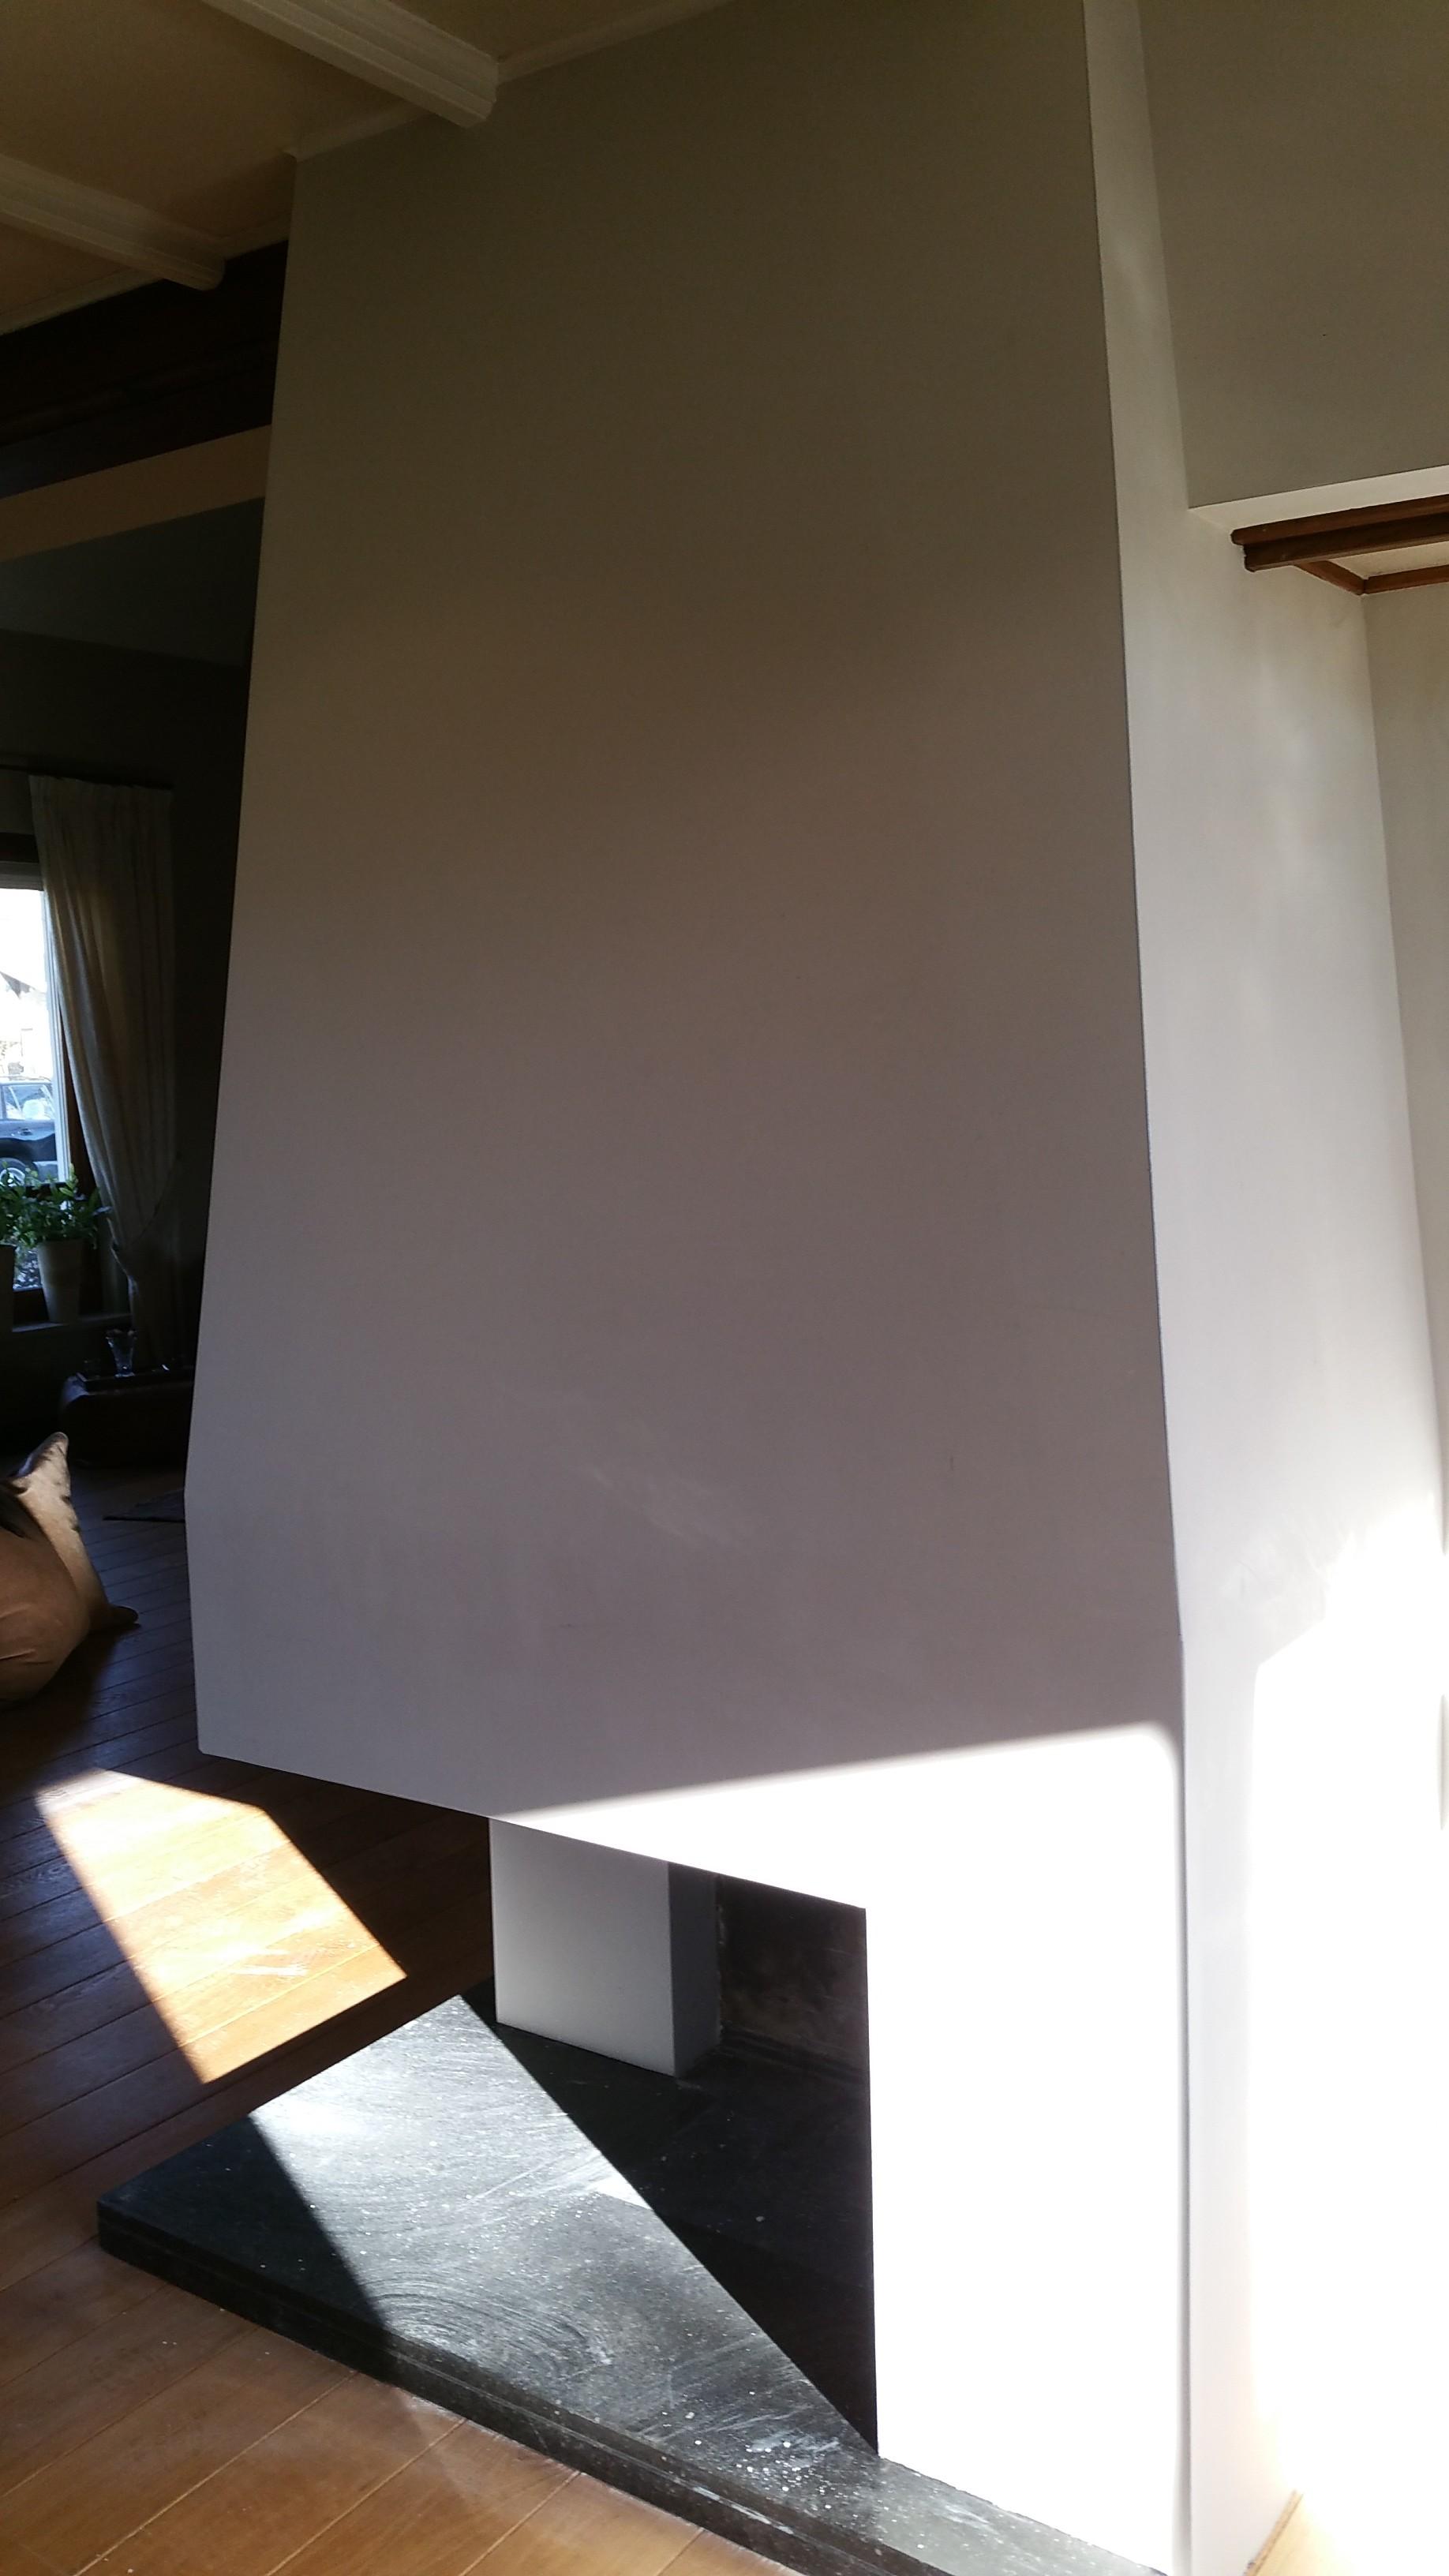 Houtenkastenwand Met Haard En Betonlook: Open haard beton look ...